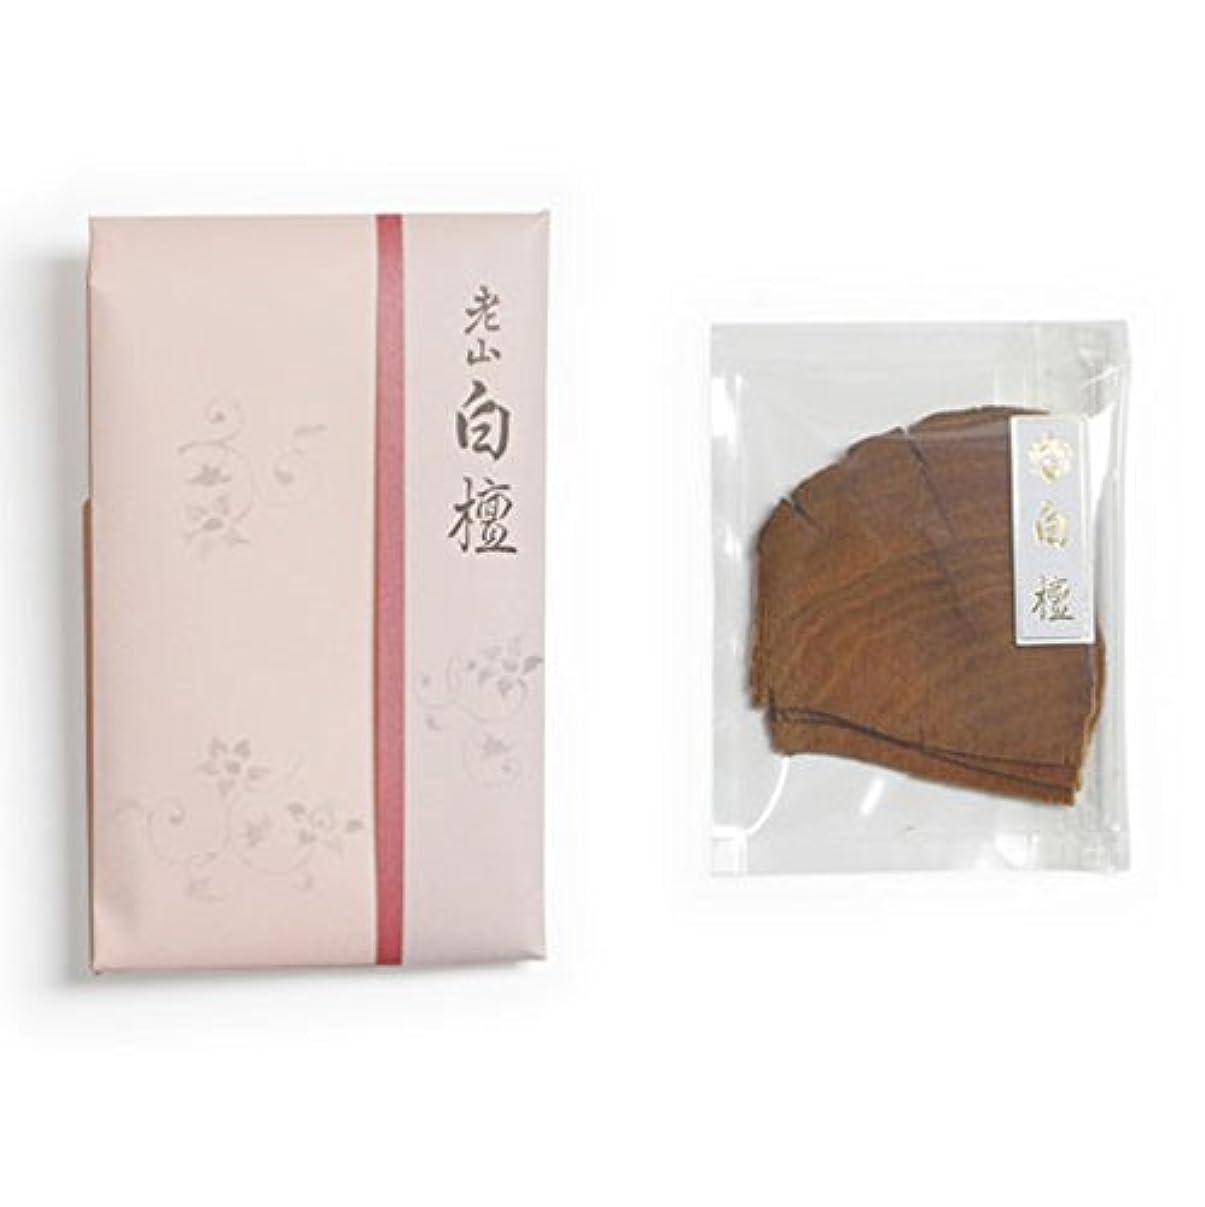 リサイクルする真珠のような厳香木 老山白檀 重(かさね) 10g詰 香木 松栄堂 Shoyeido